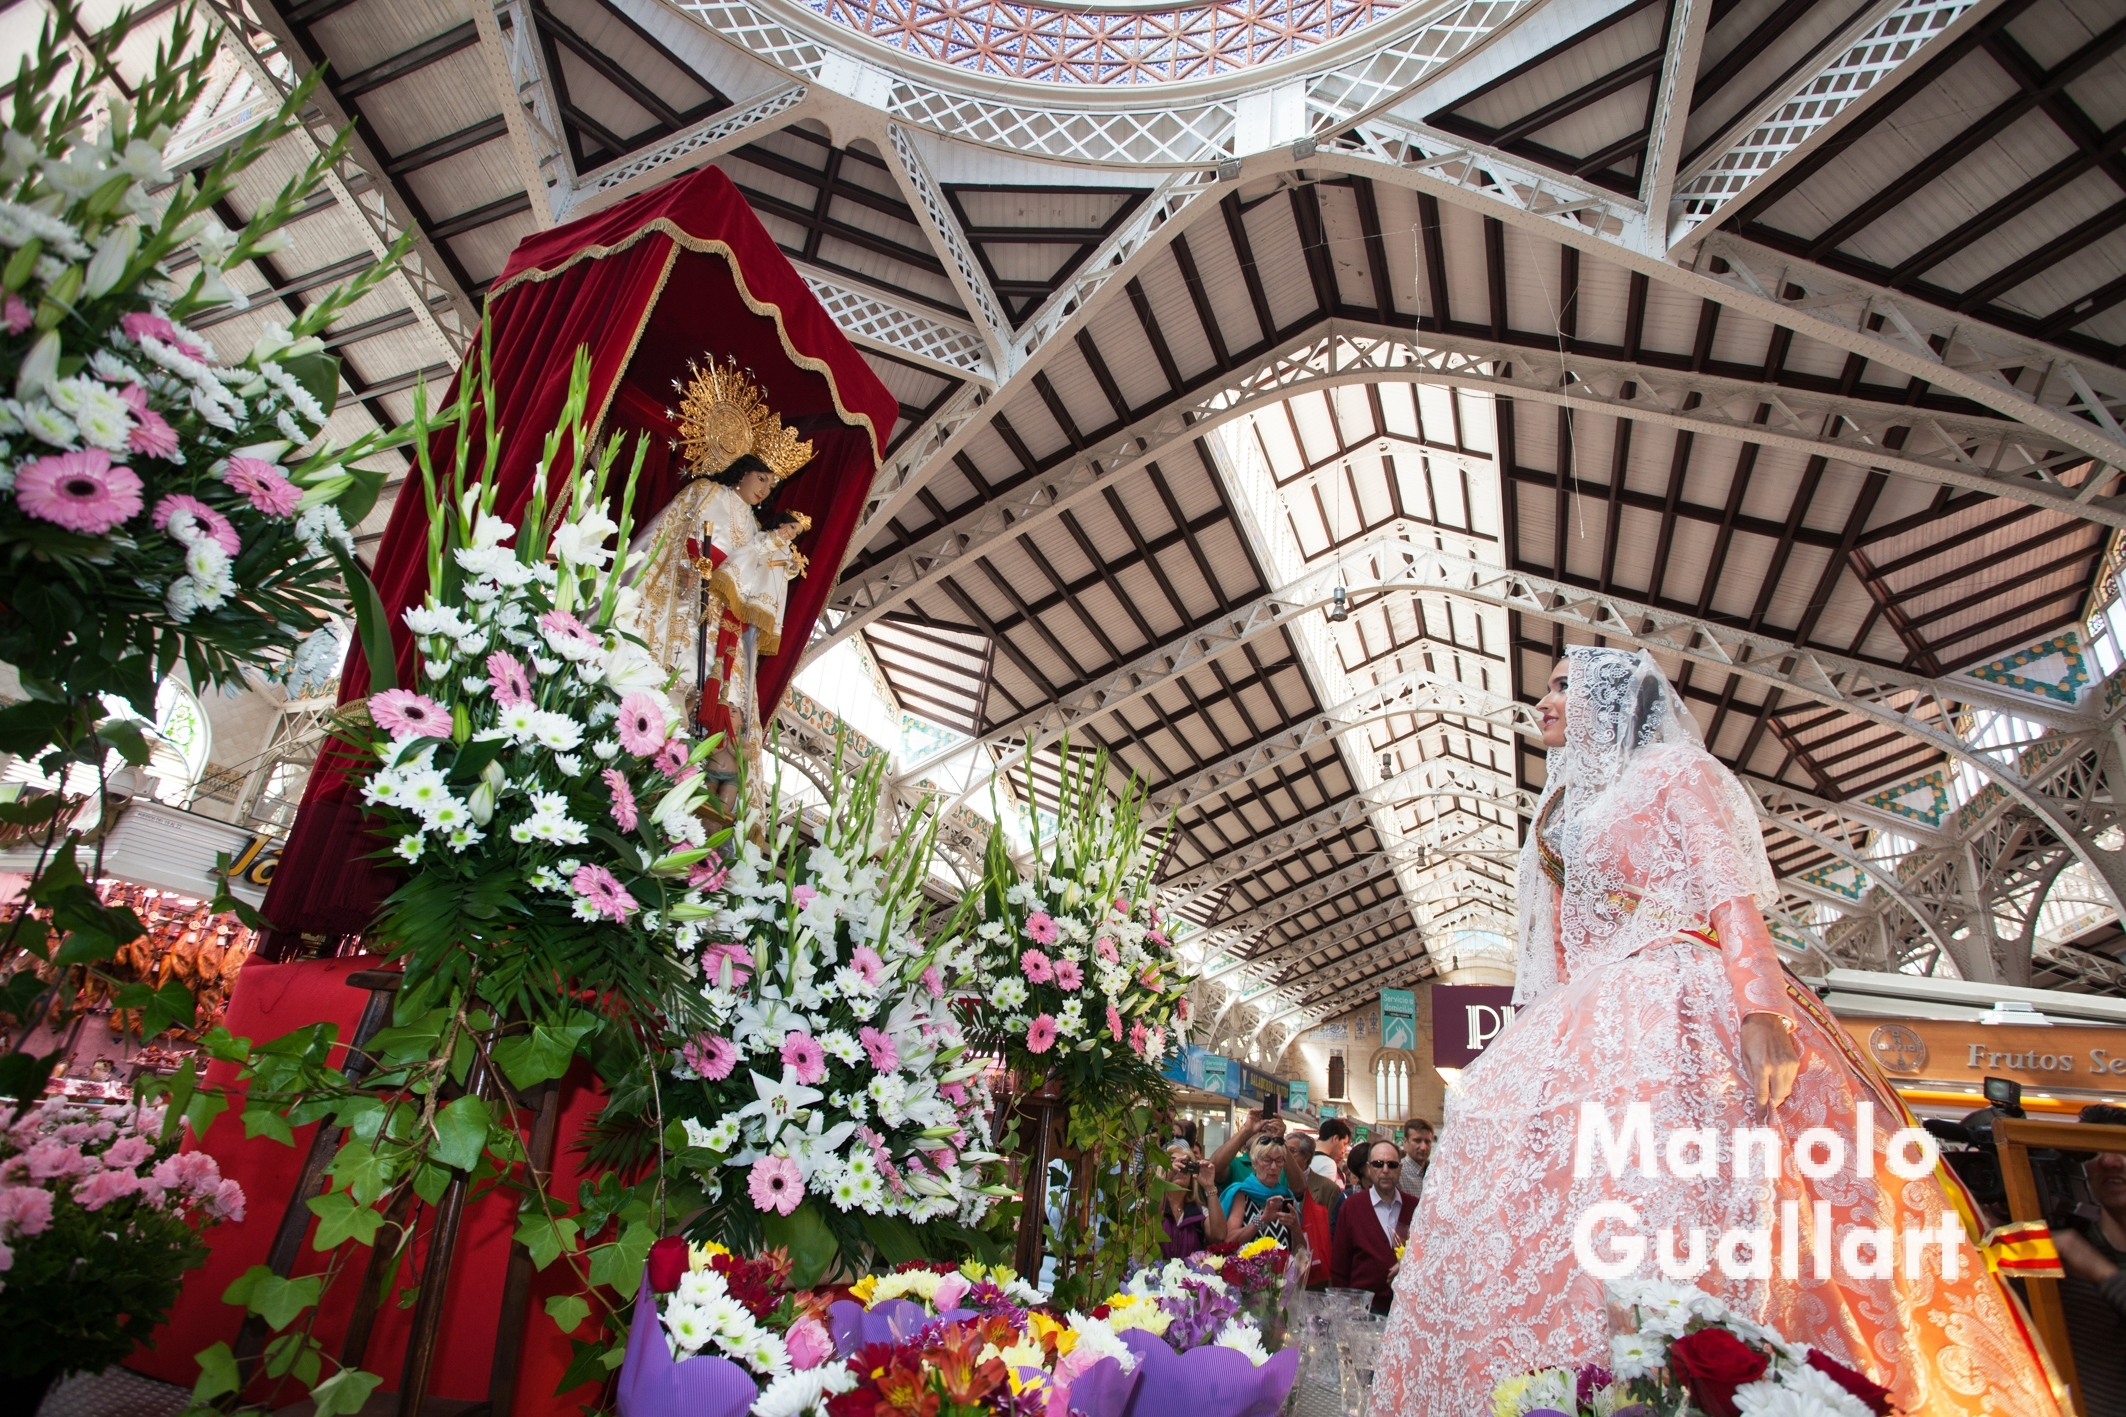 Irene Sanz, Fallera mayor de la falla Mercado Central, en su ofrenda a la Virgen en el mercado. Foto de Manolo Guallart.